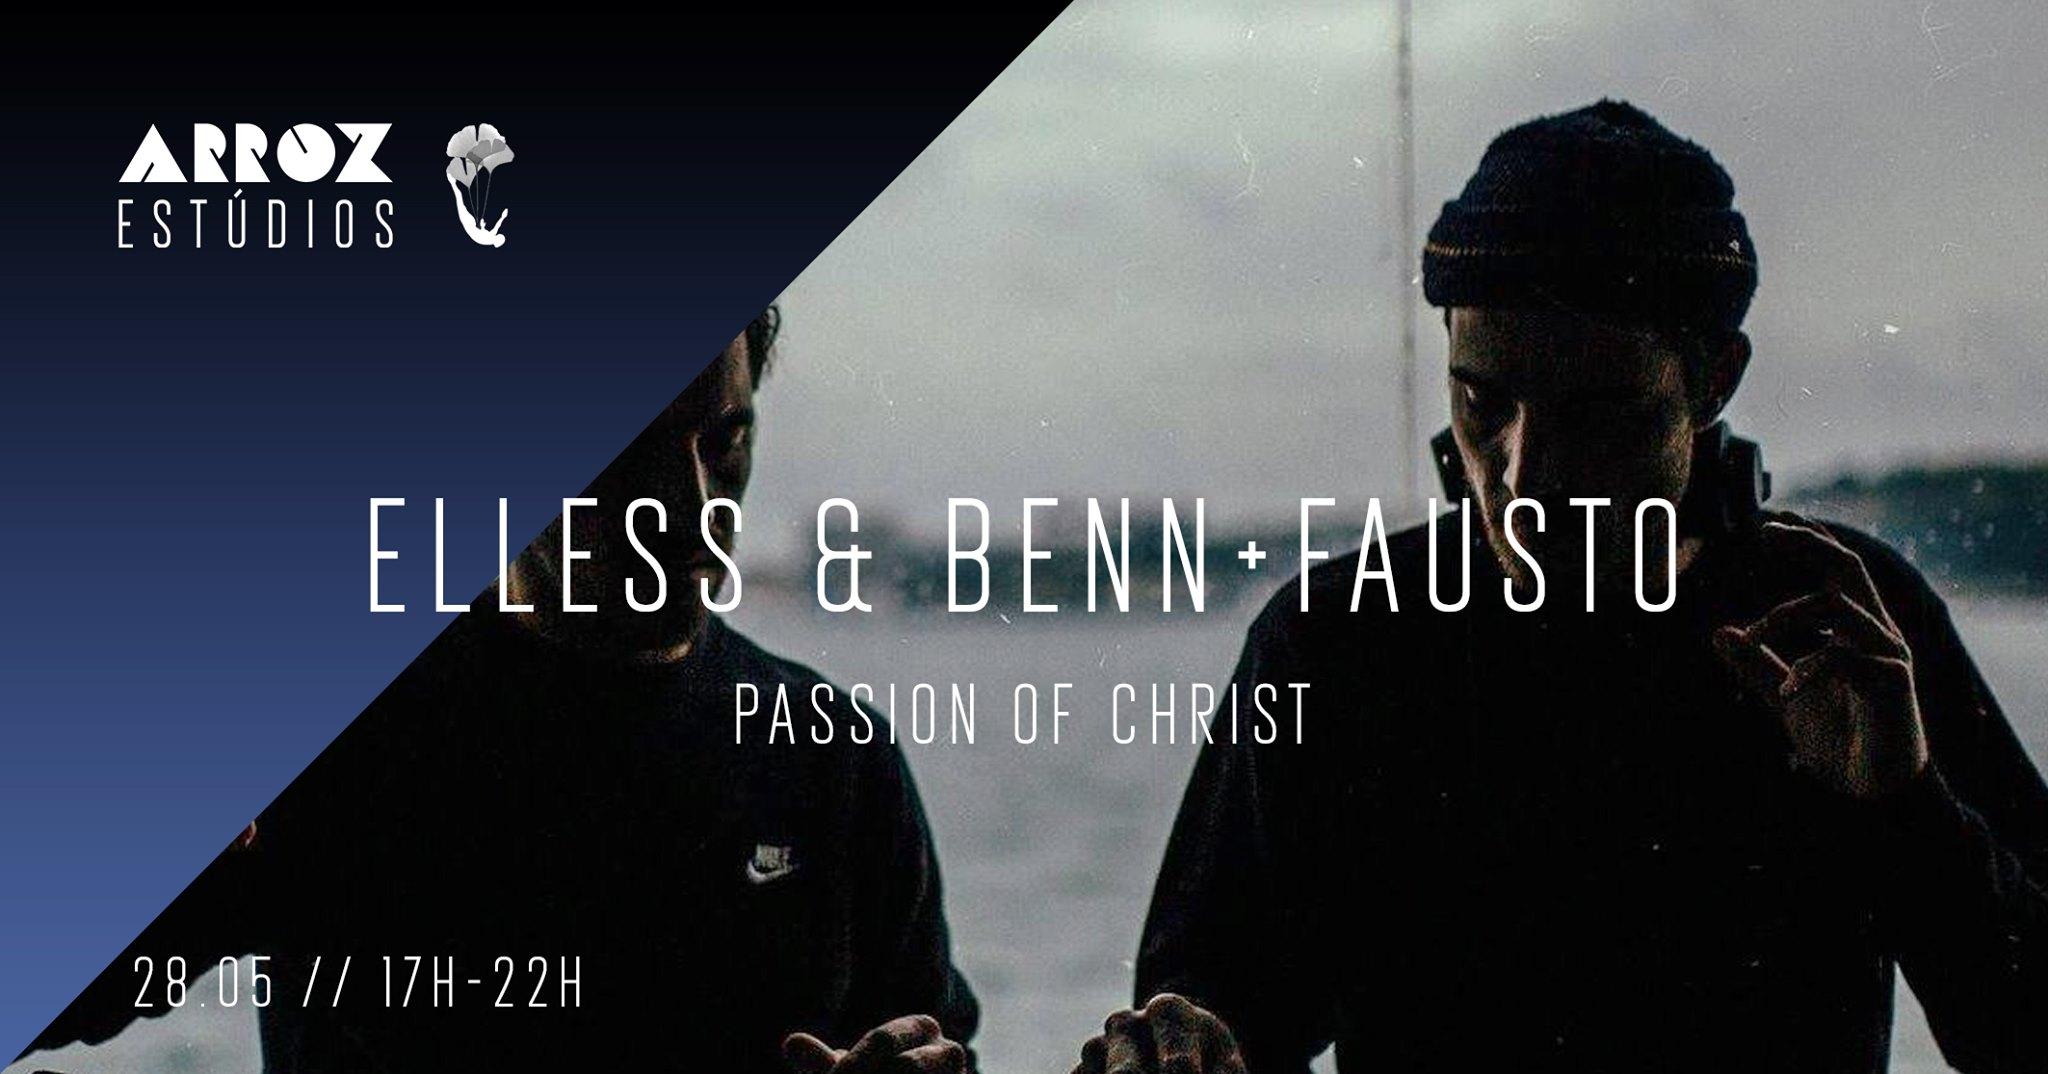 Elless & Benn + Fausto - Passion of Christ